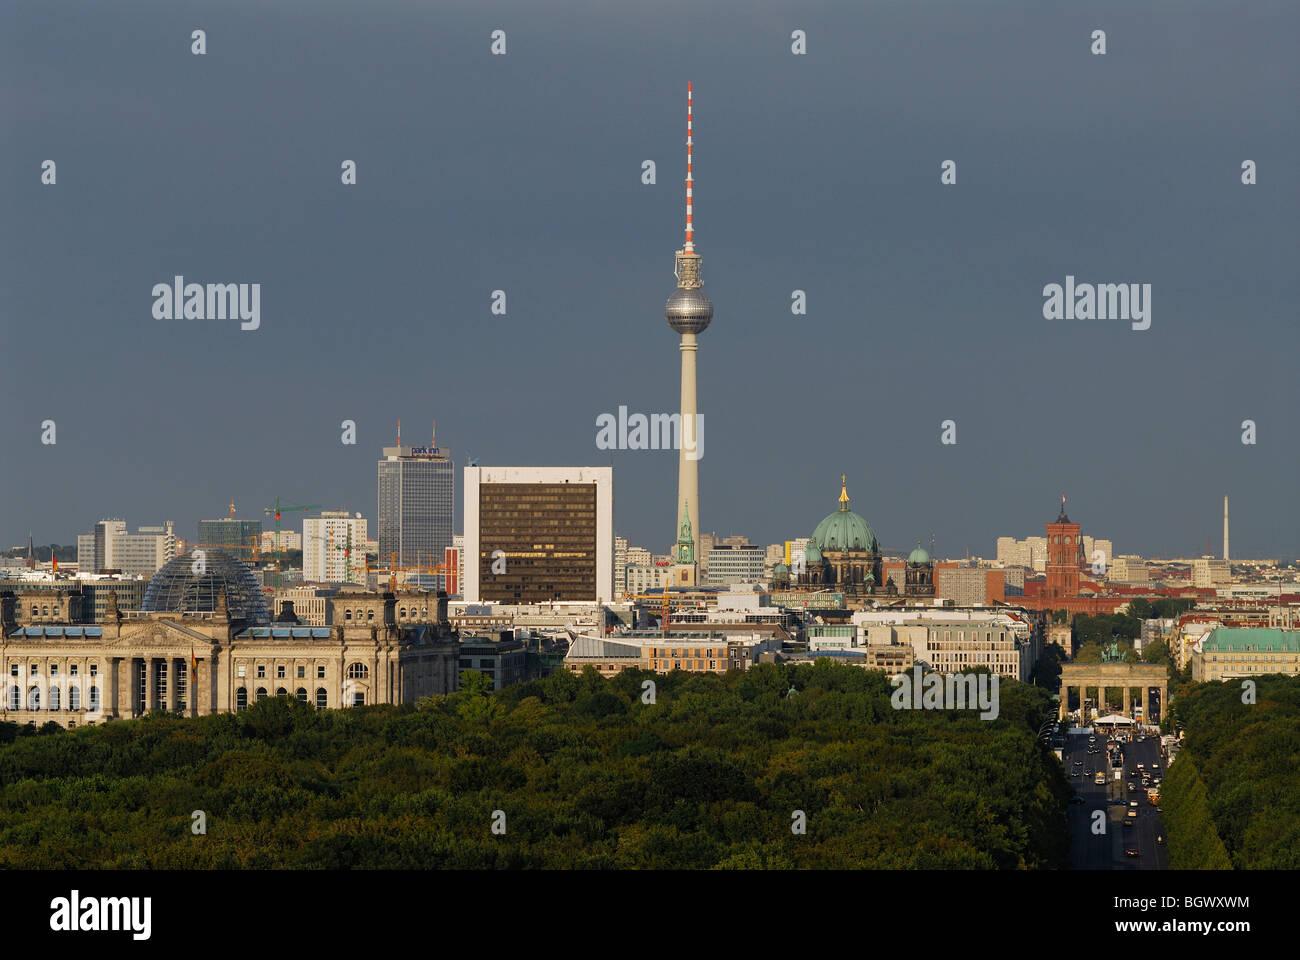 Berlin. Germany. View across the Tiergarten towards the Brandenburg Gate & Mitte. - Stock Image